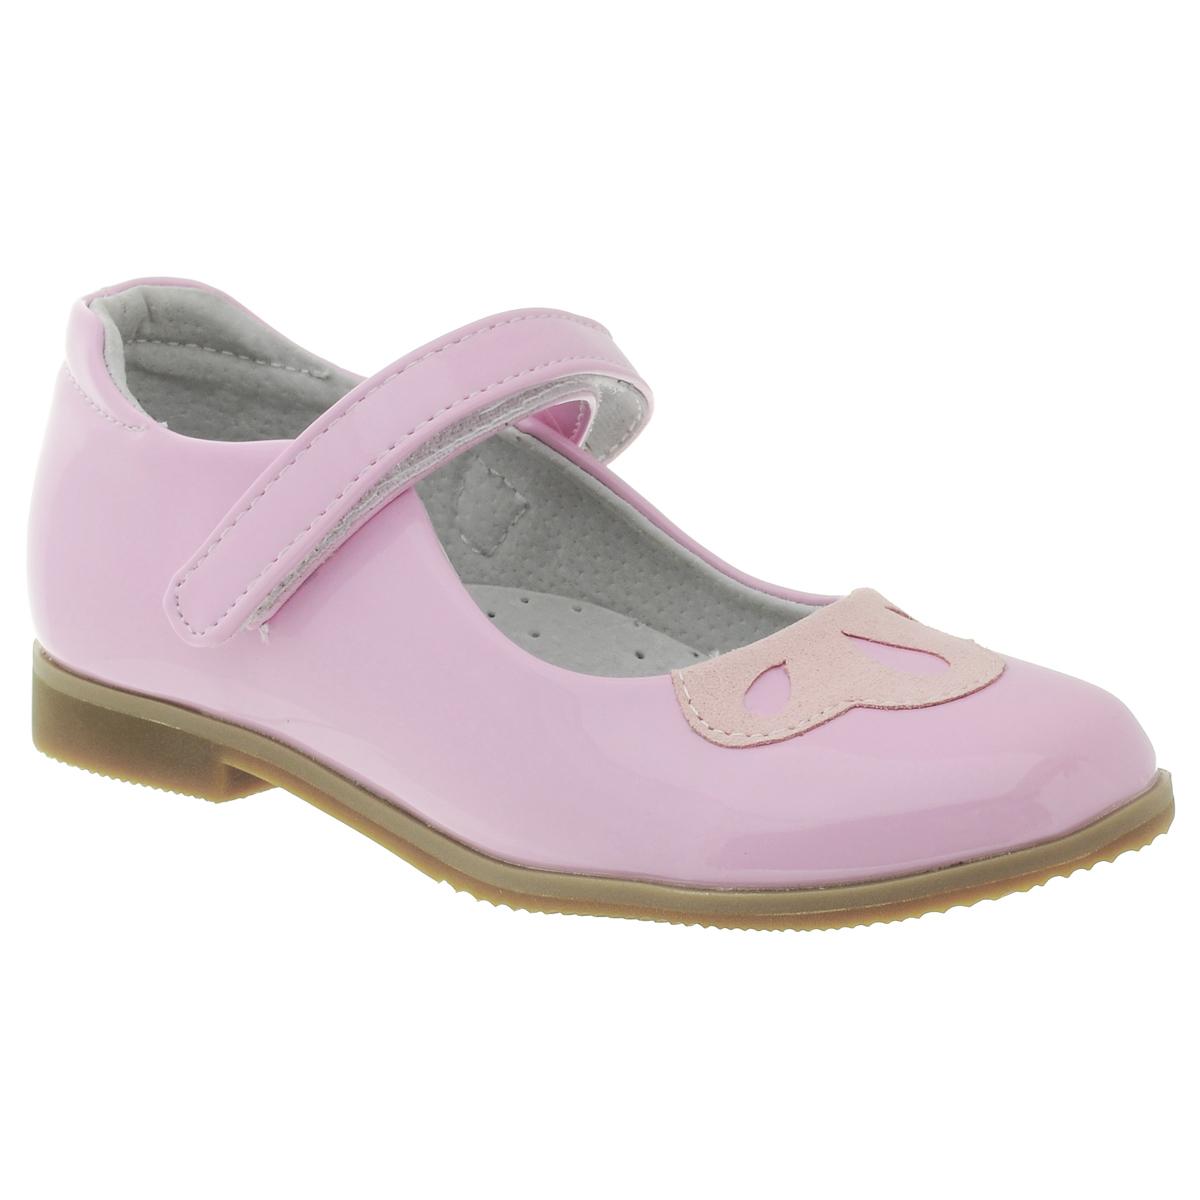 Туфли для девочки. 34223422_13Замечательные детские туфли для девочки PlayToday, оформленные изящной вставкой, - идеальный вариант на каждый день для детского сада. Подошва выполнена из гибкого, нескользящего материала, устойчивого к истиранию. Рифление обеспечивает надежное сцепление с поверхностью. Мягкая профилированная стелька с супинатором выполнена из натуральной кожи. Удобная пяточная часть укреплена жестким задником. Поддерживая стопу, мягкий кант по краю обеспечивает комфорт при ходьбе. Отделка внутри выполнена из мягкой натуральной кожи. Застежка-ремешок на липучке отлично фиксирует модель на ноге. Круглый мыс декорирован изящной вставкой. Эти туфли созданы для настоящих принцесс!